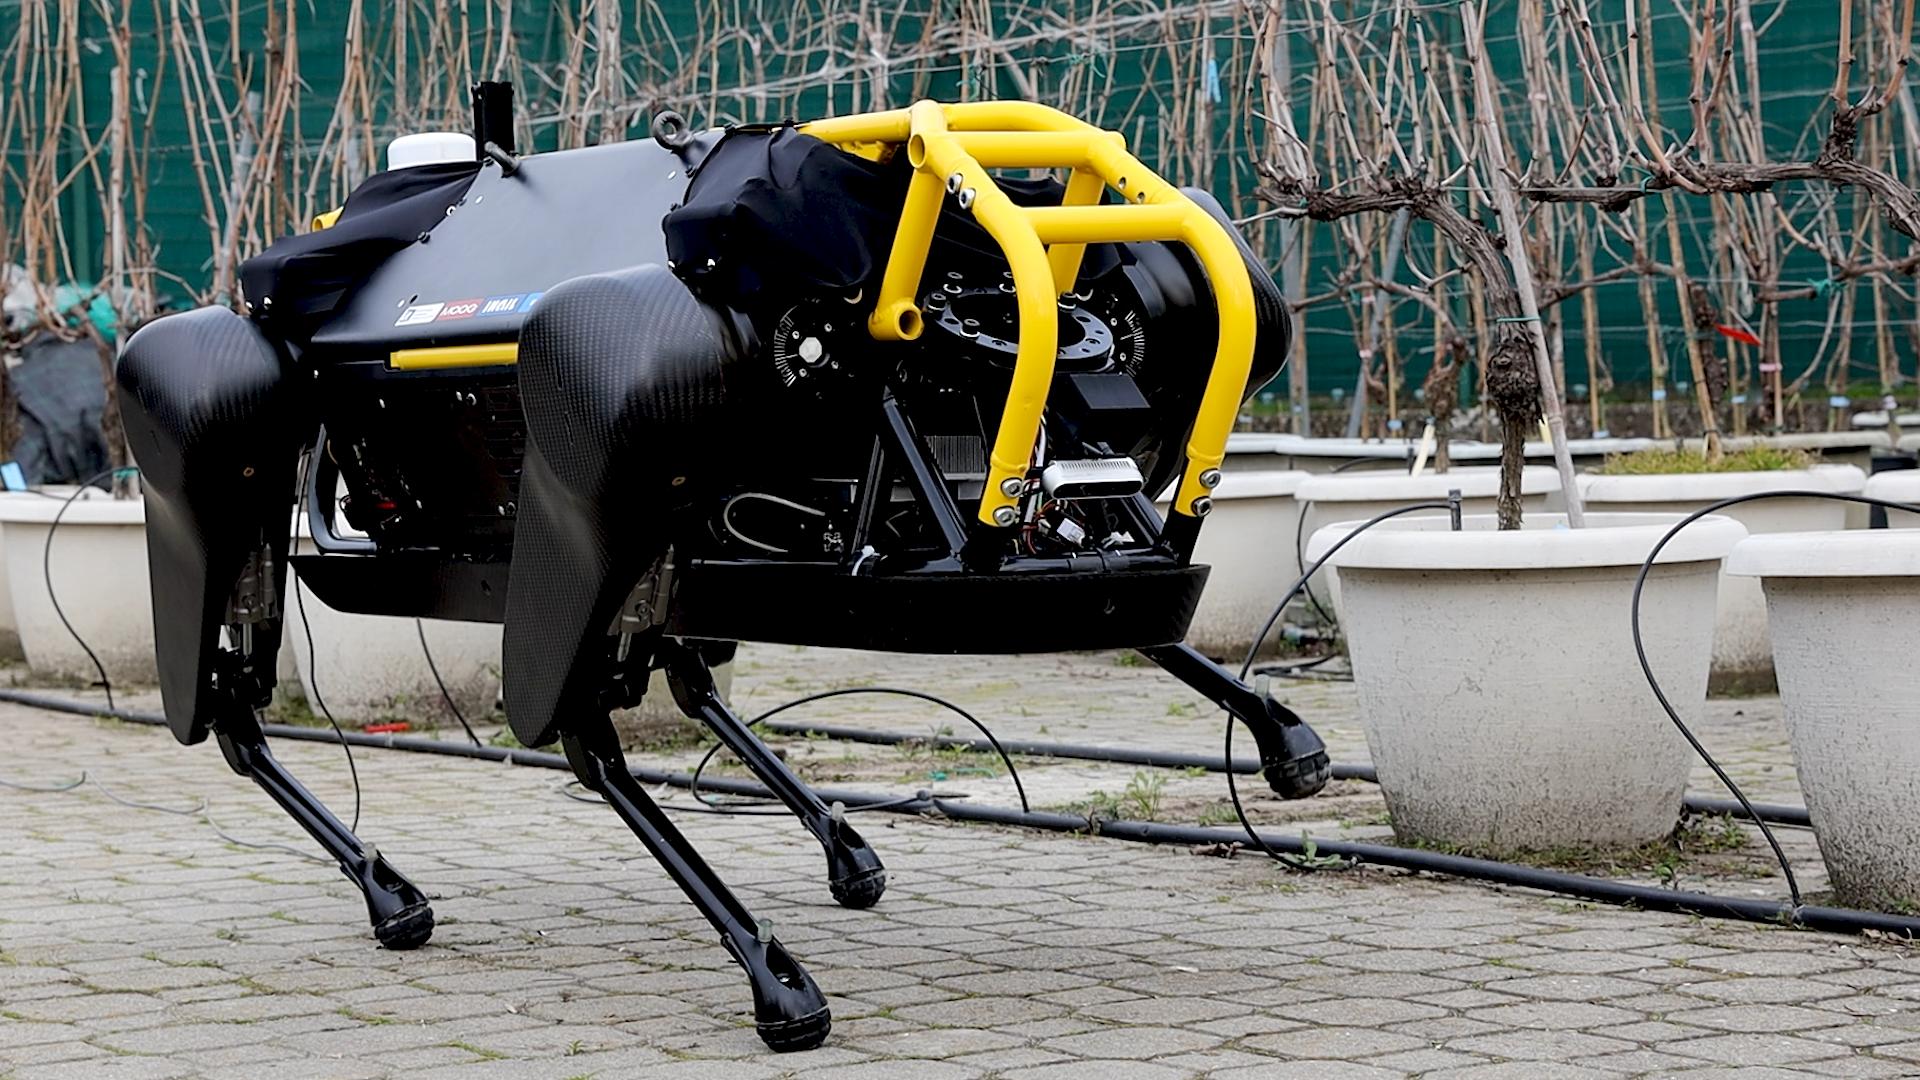 Agricoltura e robotica: macchine intelligenti poteranno le viti e raccoglieranno l'uva. Il nuovo laboratorio di Università Cattolica e Istituto Italiano di Tecnologia